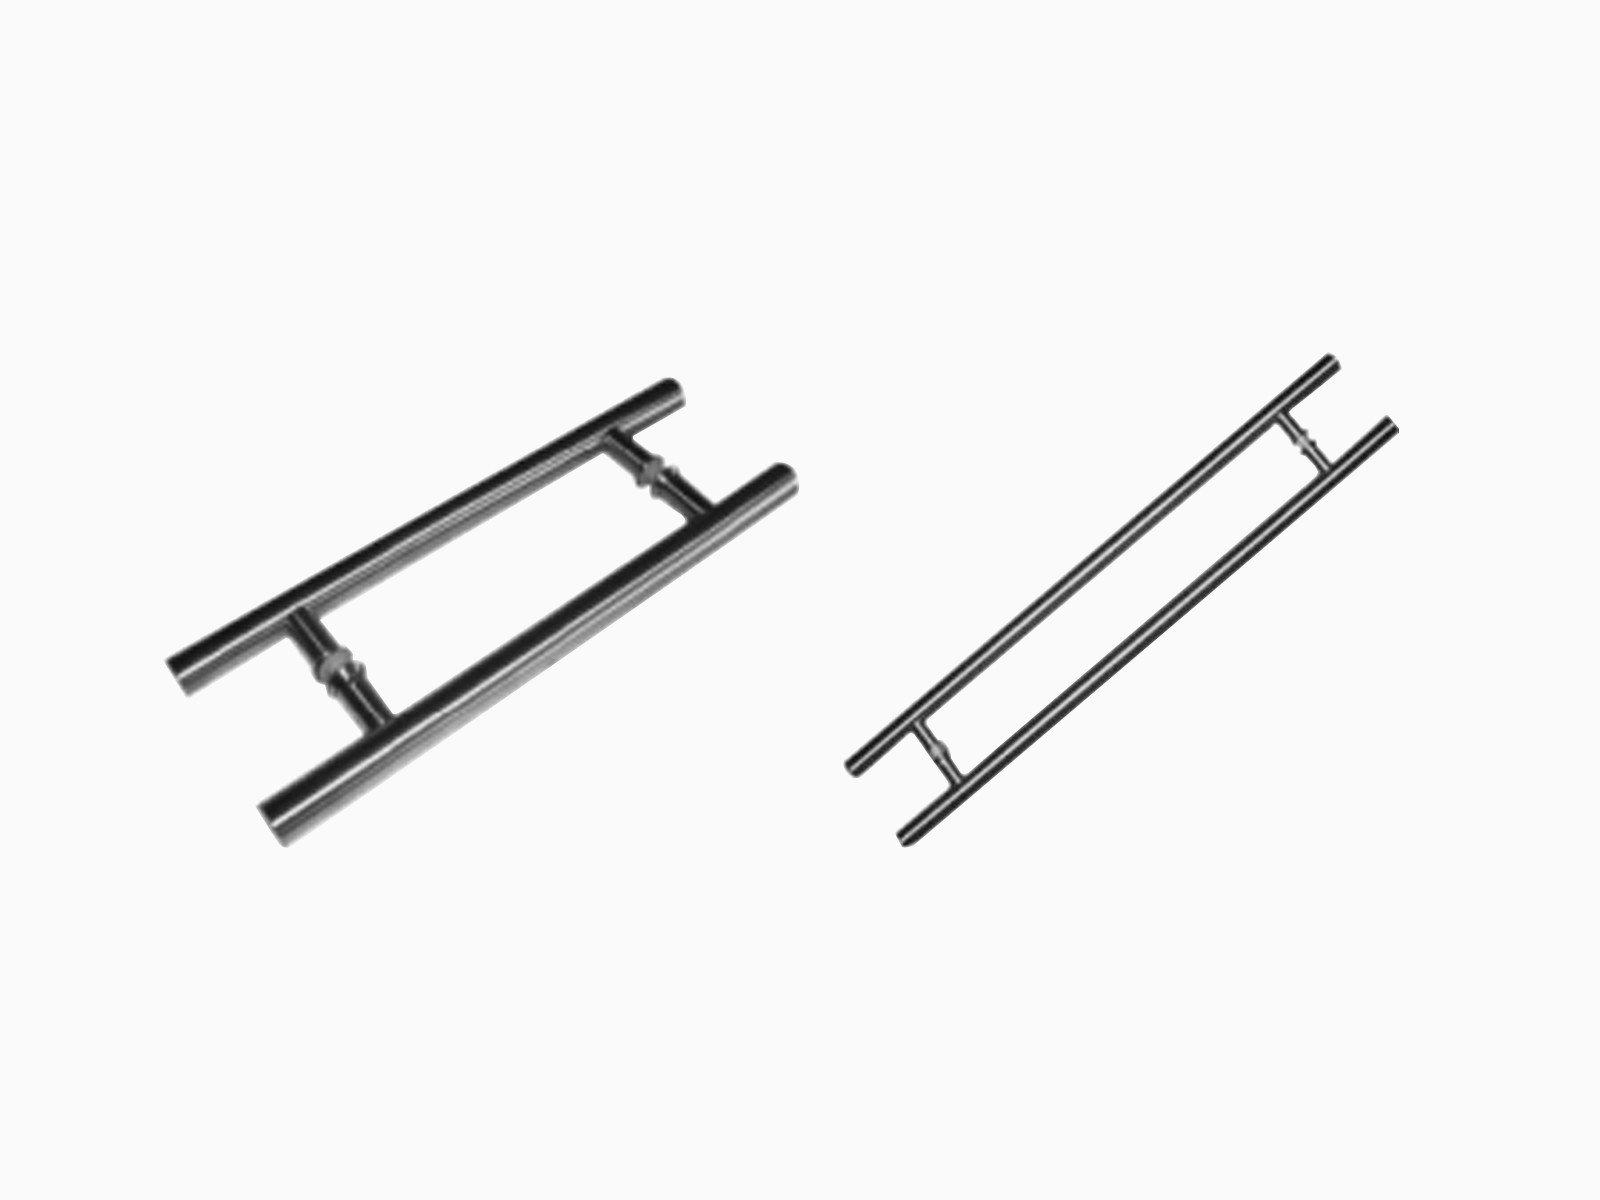 Runde Griffstange für Glasschiebetür in verschiedenen Längen